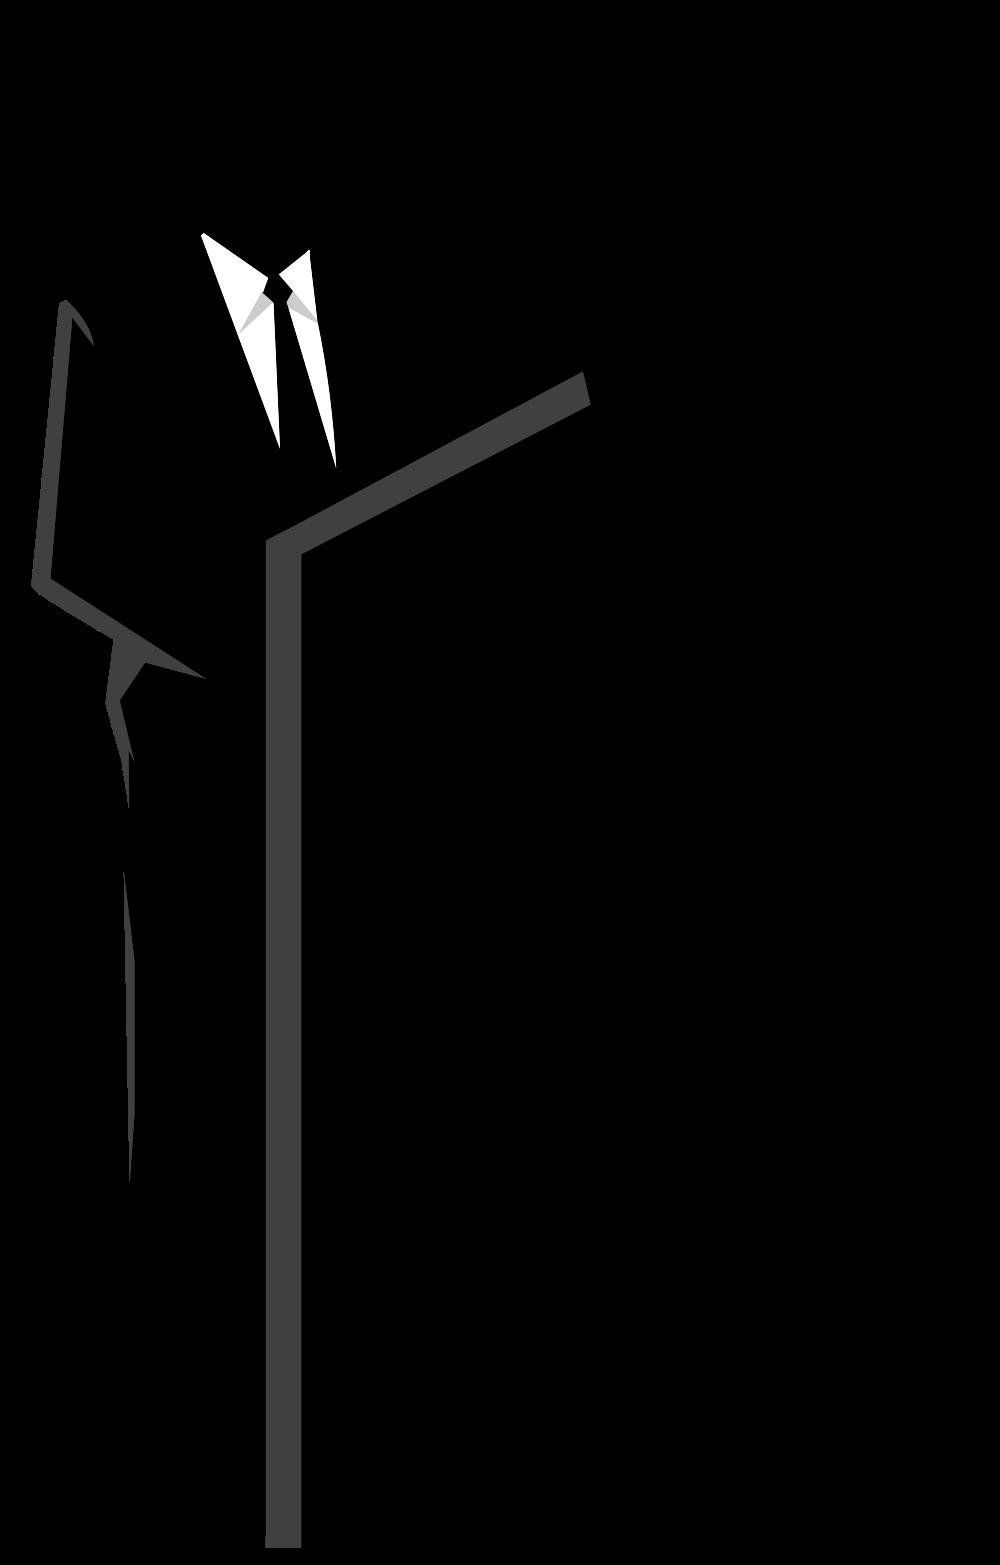 Podium clipart speaker podium, Picture #1928363 podium.